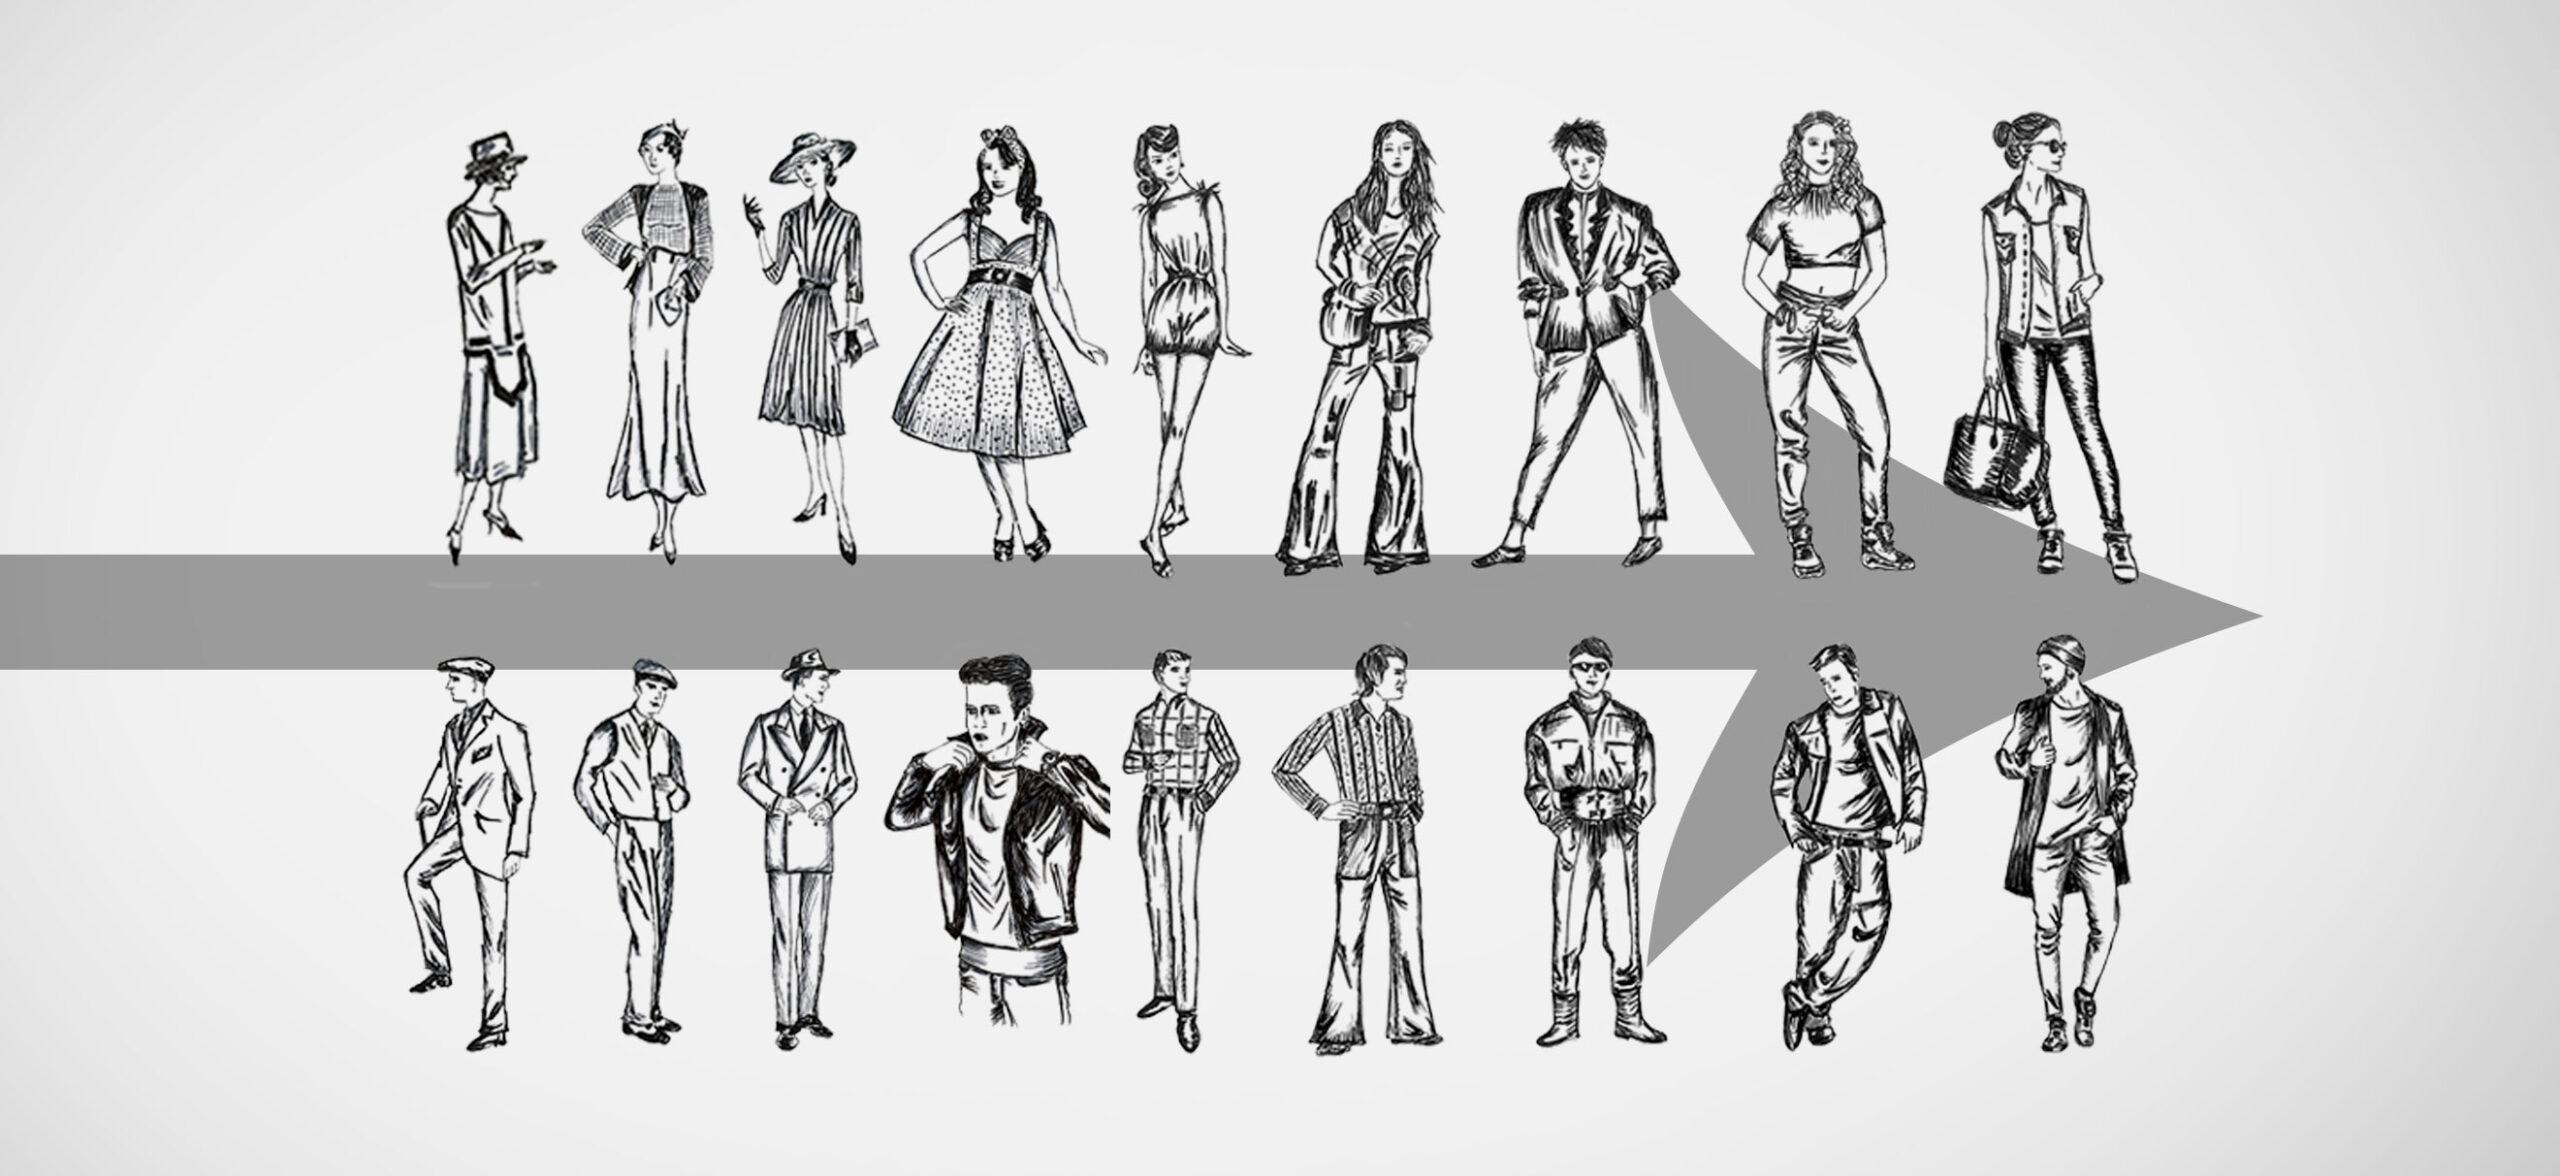 Warum haben Menschen unterschiedliche Modestile?